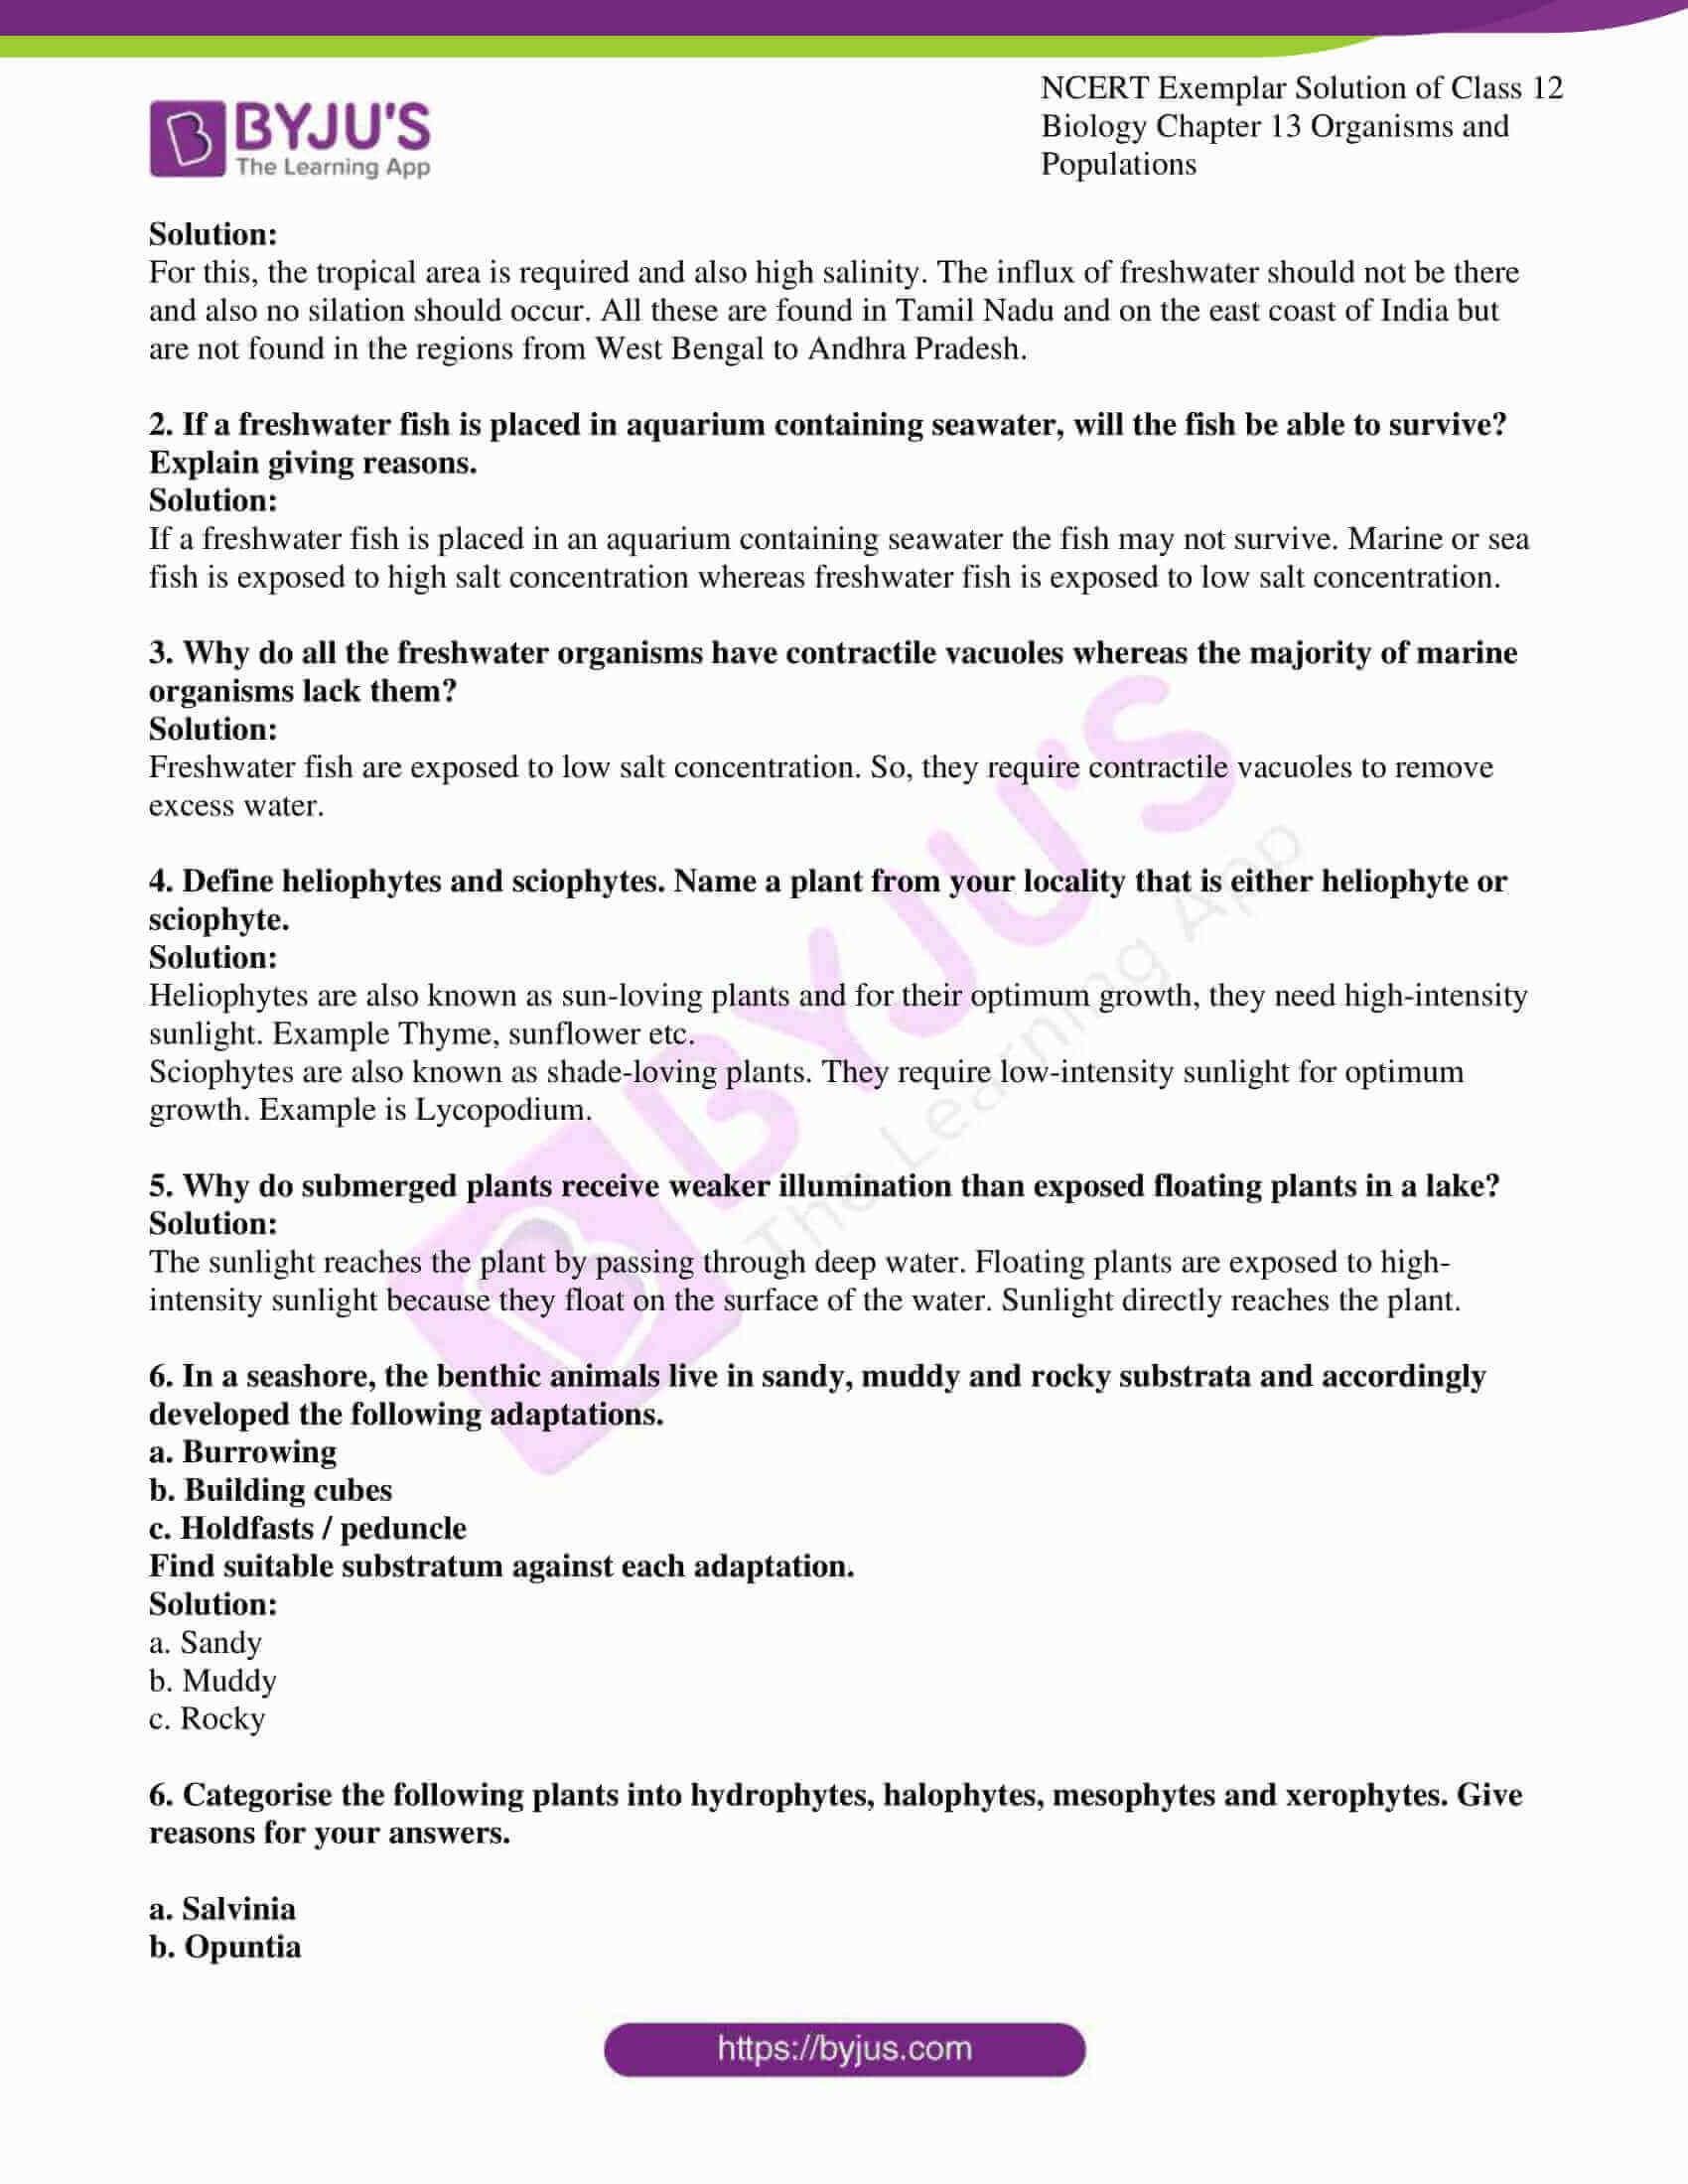 ncert exemplar solution of class 12 biology chapter 13 07